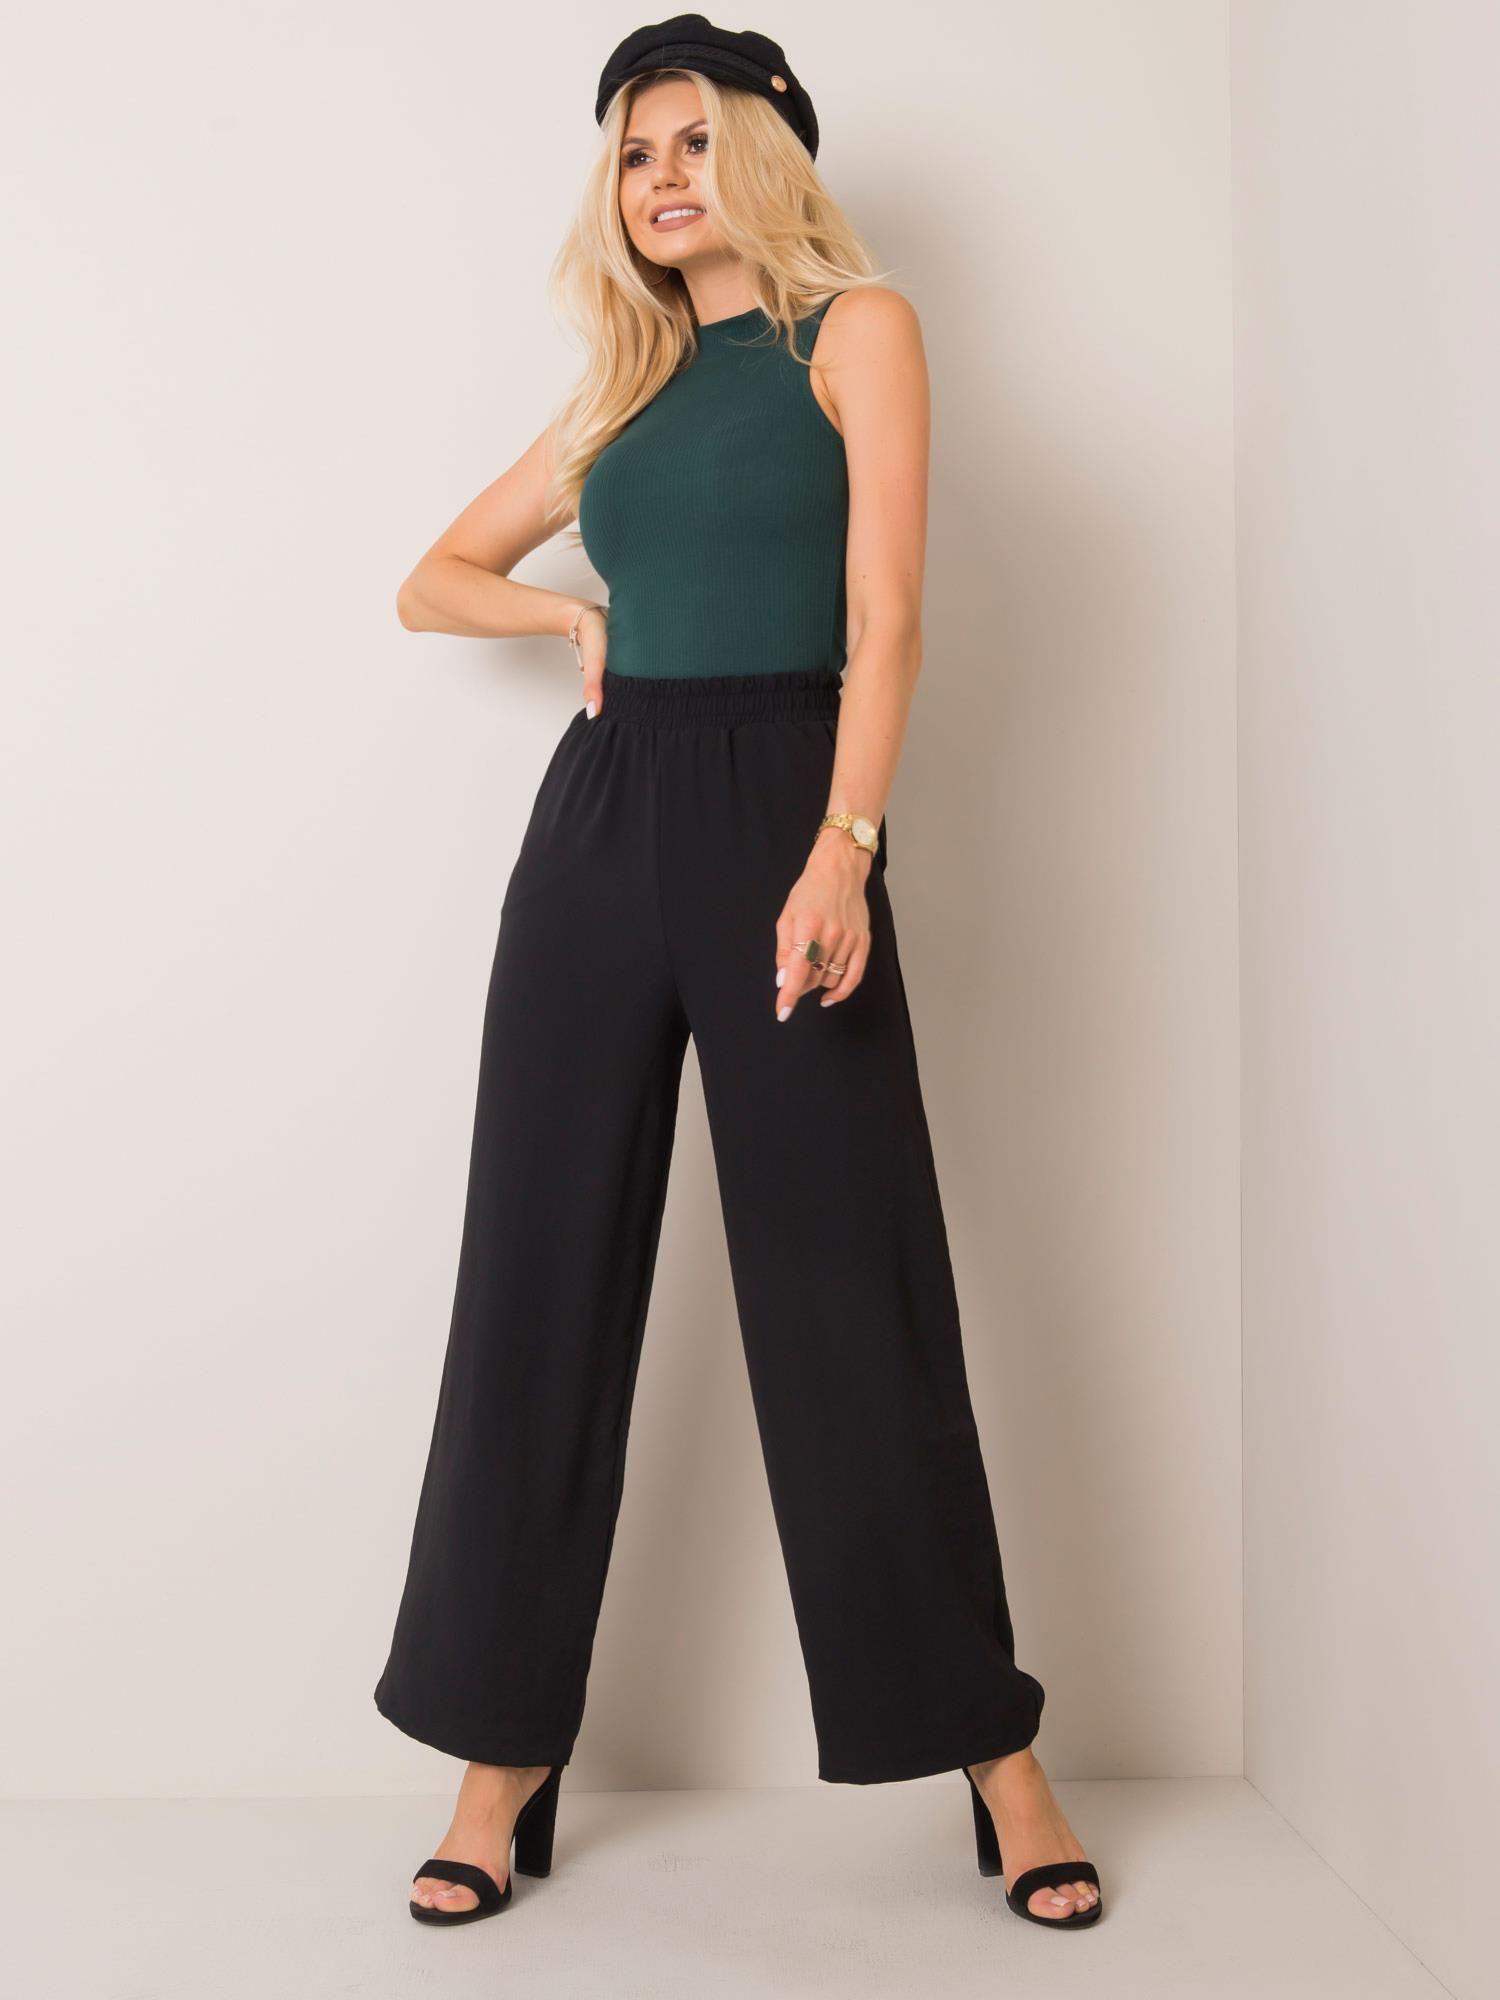 Hose in Schwarz mit weitem Bein  Vorderansicht